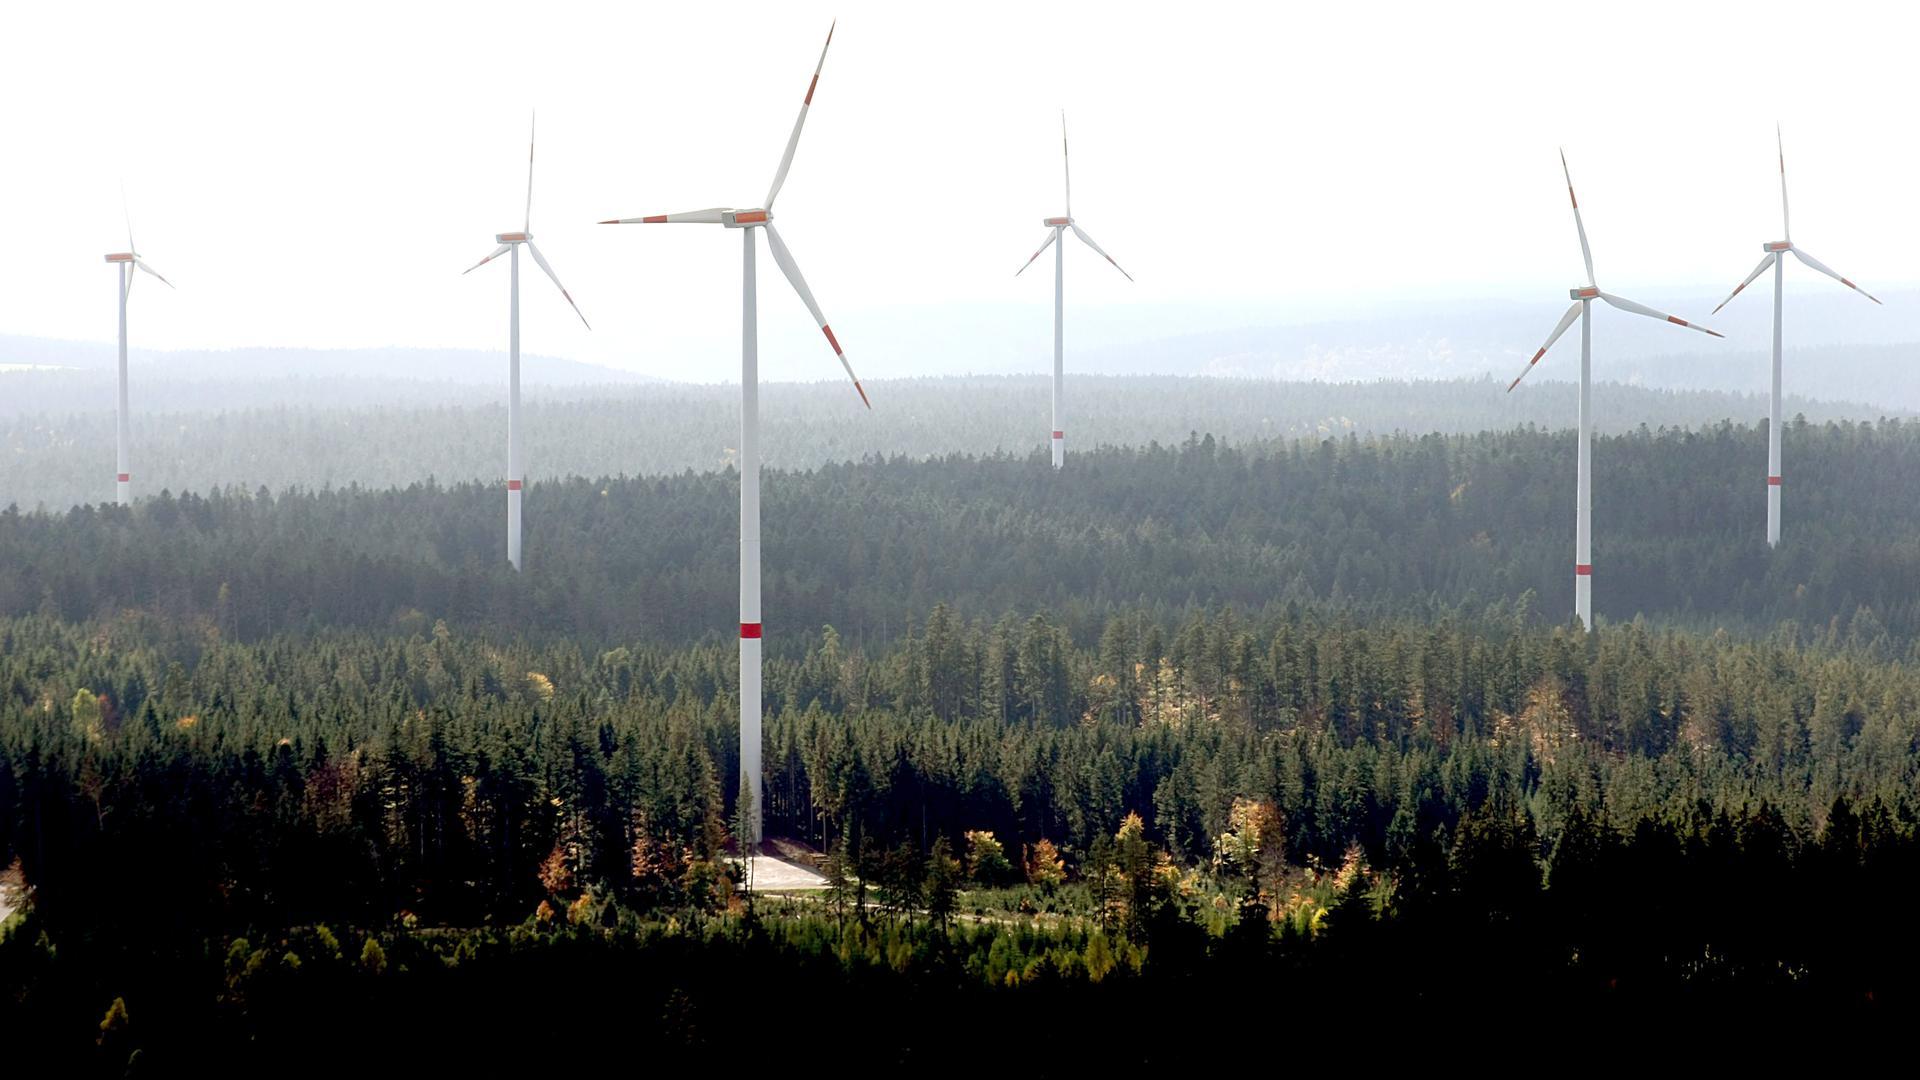 Windräder steheim Windpark Simmersfeld im Schwarzwald.  Die insgesamt 14 Windkraftanlagen mit einer Gesamtleistung von 28 Megawatt Strom können mehr als 10 000 Haushalte mit Strom versorgen.